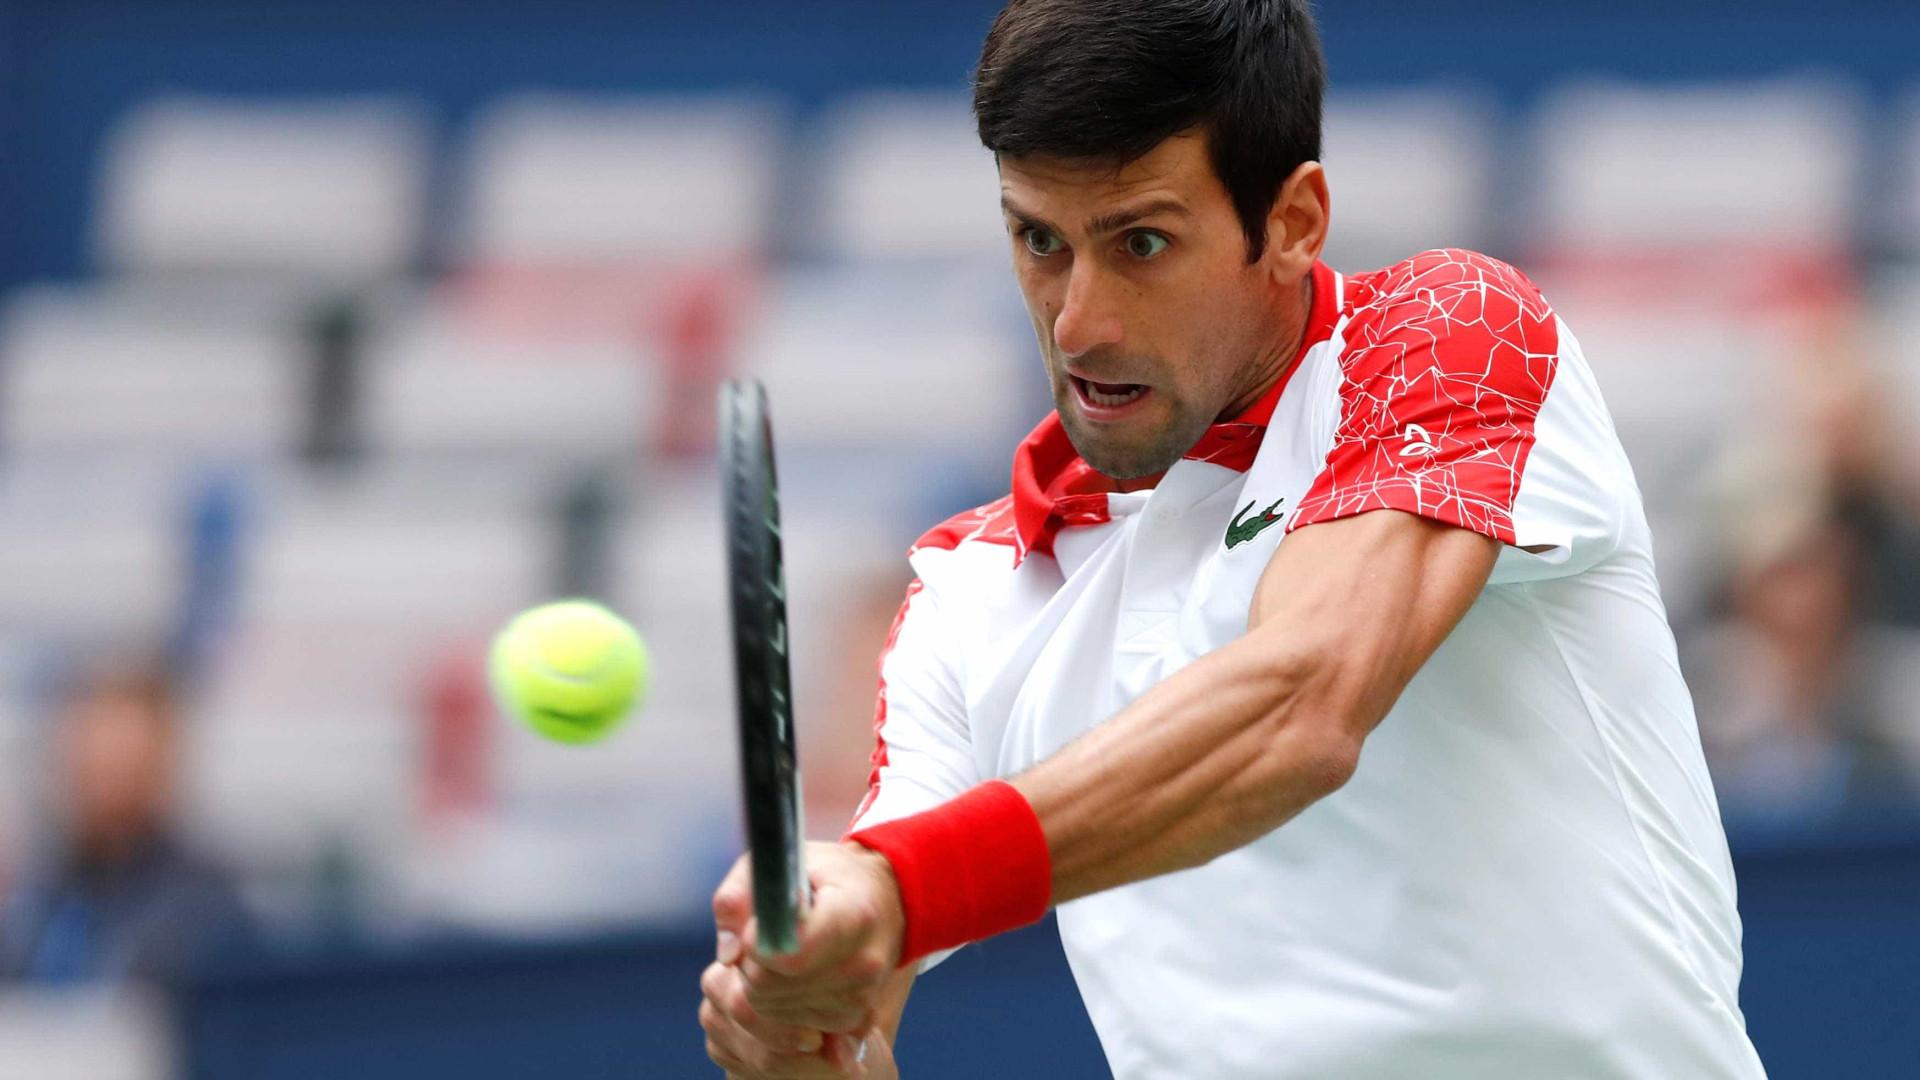 Djokovic celebra milésimo jogo e bate aproveitamento de Nadal e Federer